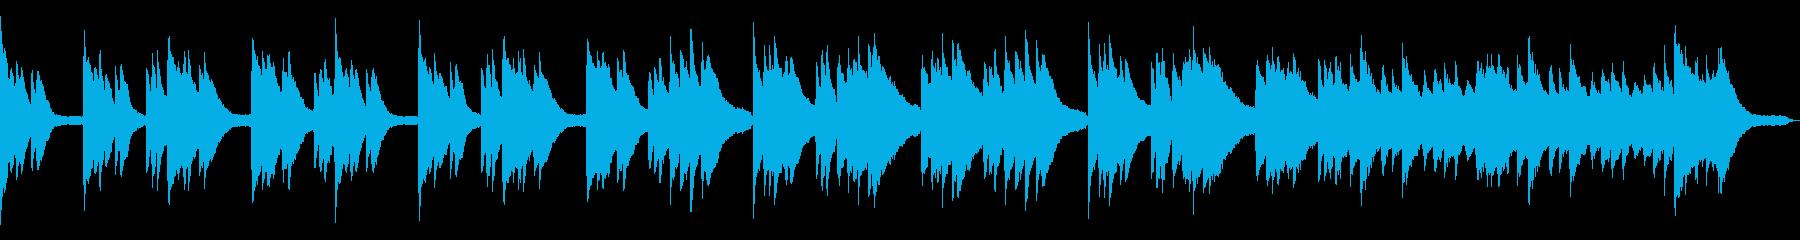 爽やかで使いやすいピアノソロループの再生済みの波形